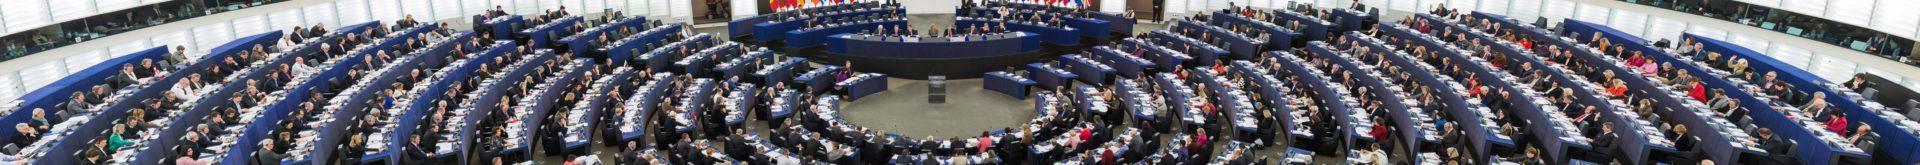 TUinEuropa –YOUinEU, conoscere l'Europa per capire l'Europa